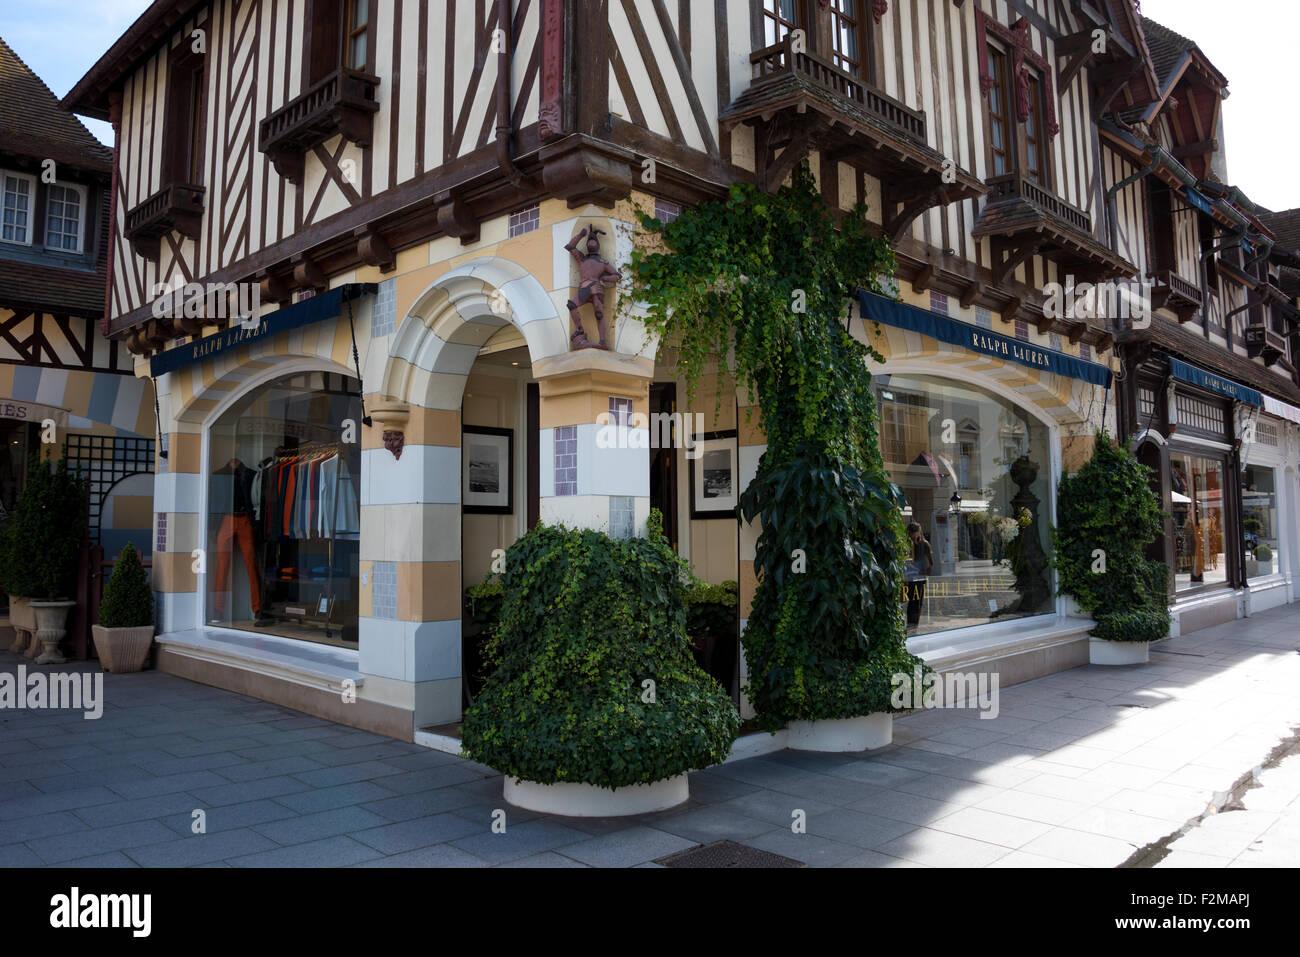 Magasin de vêtements Ralph Lauren à Deauville Normandie le nord de la France 82b5e765f95